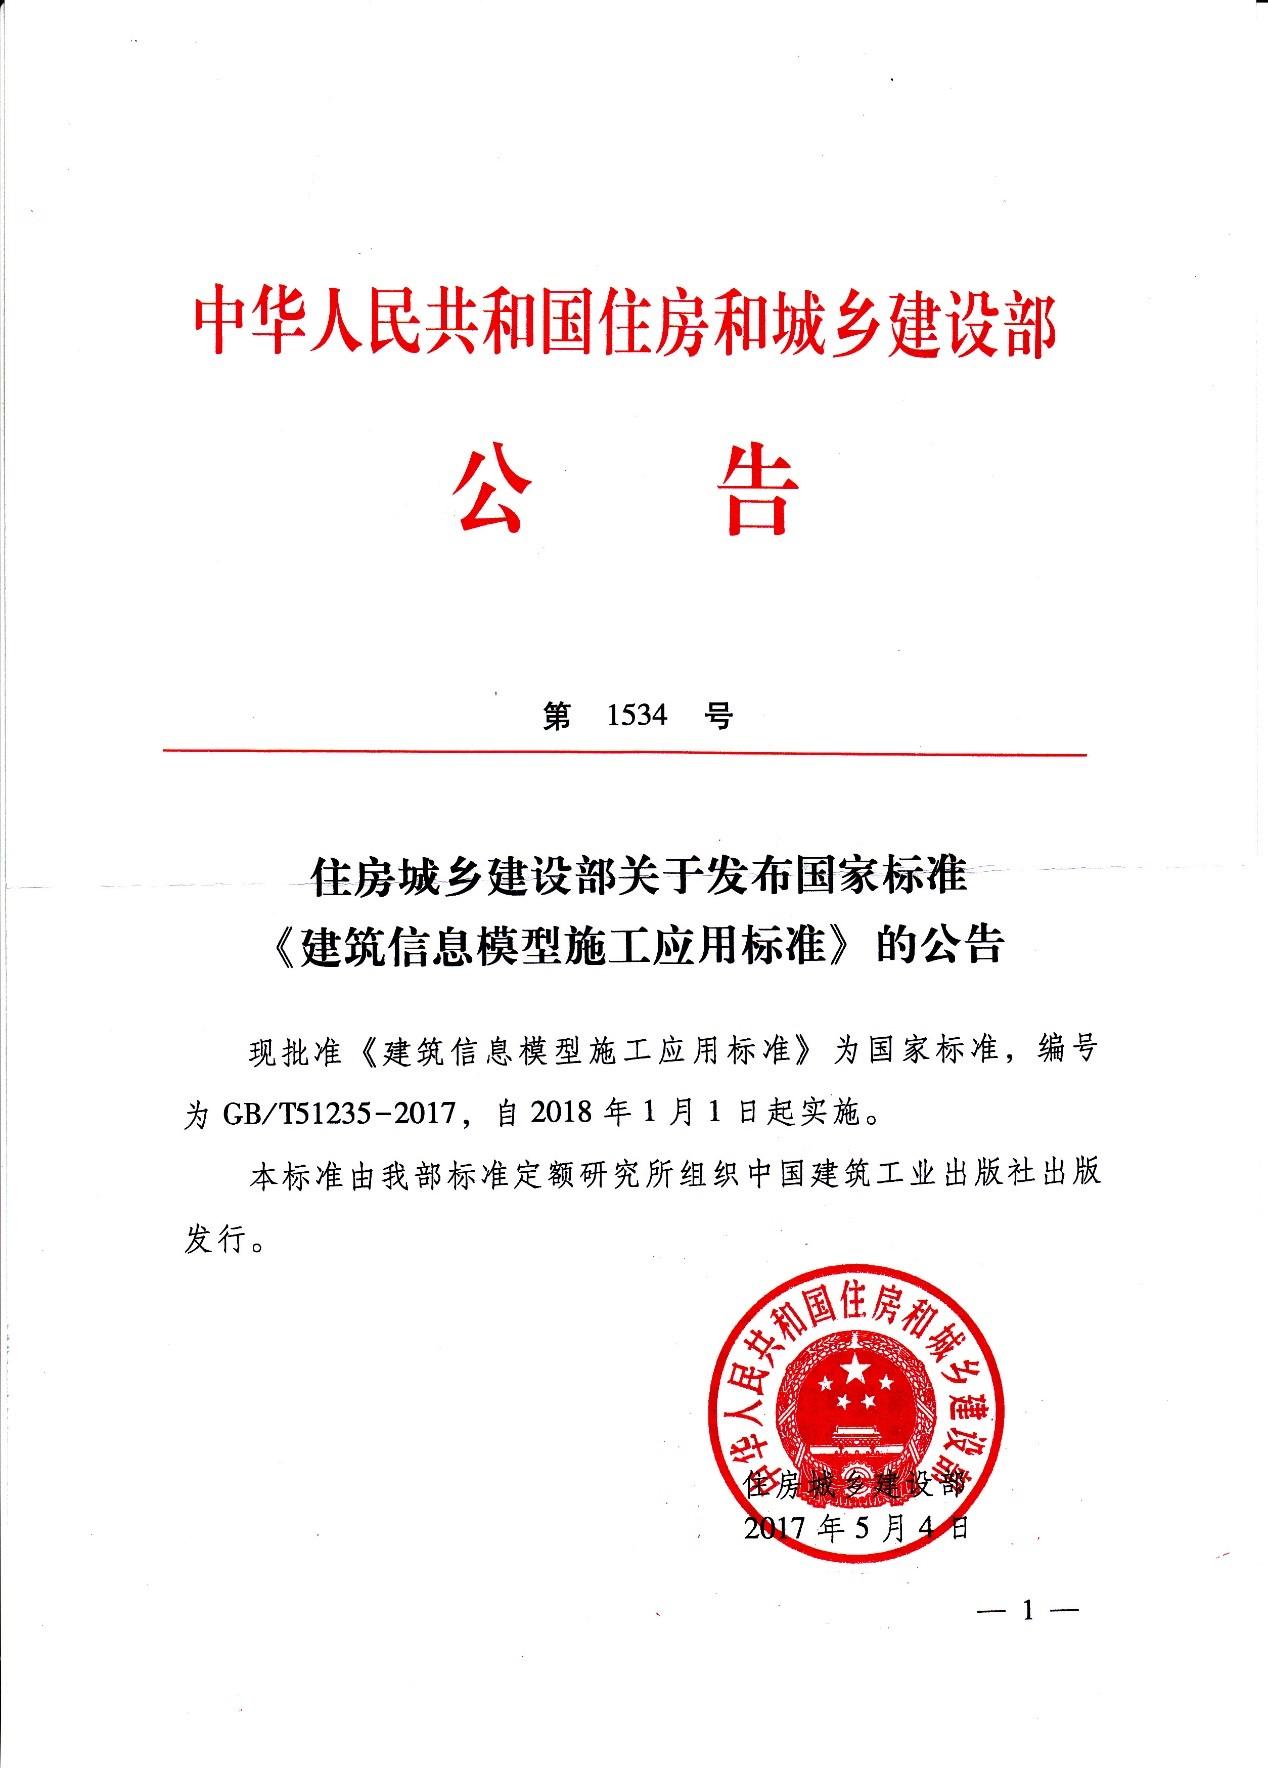 国家标准《建筑信息模型施工应用标准》正式发布